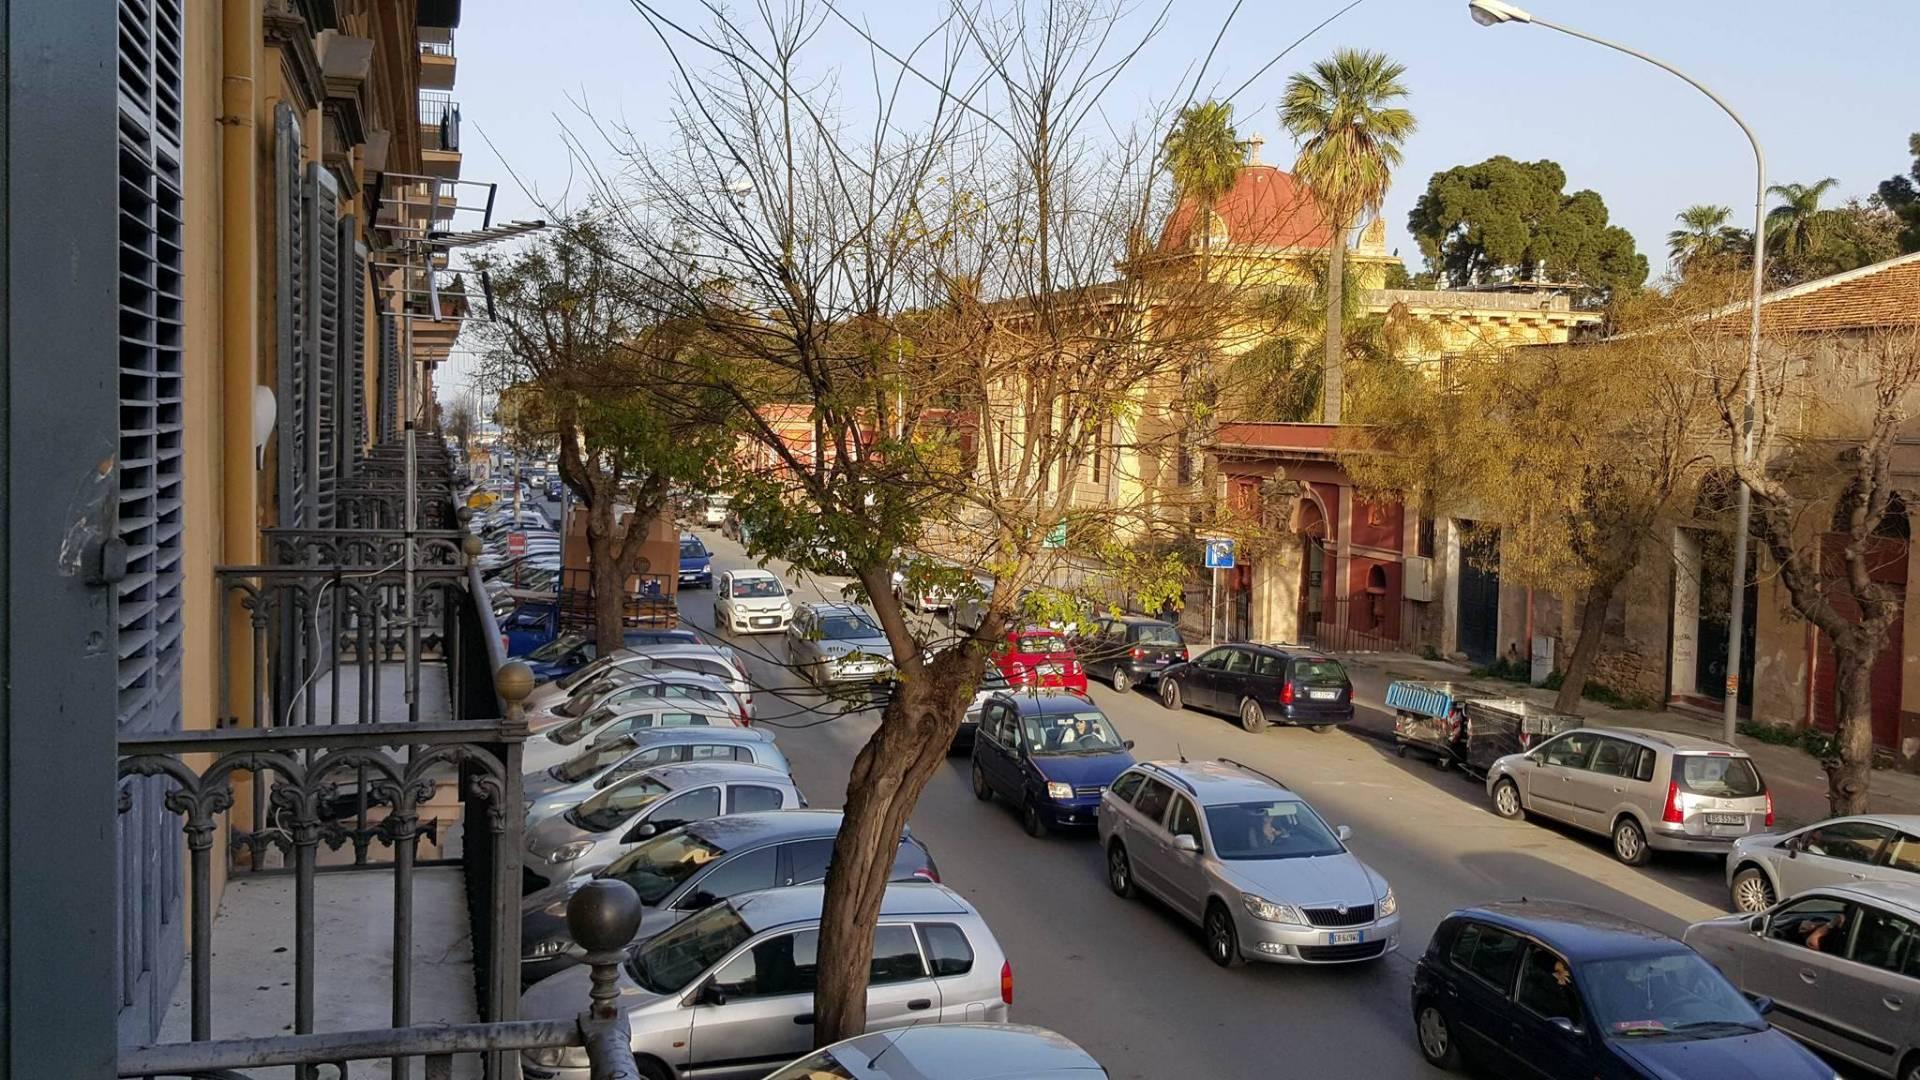 Appartamento in affitto a Palermo, 4 locali, zona Località: Centrostorico, prezzo € 520 | PortaleAgenzieImmobiliari.it